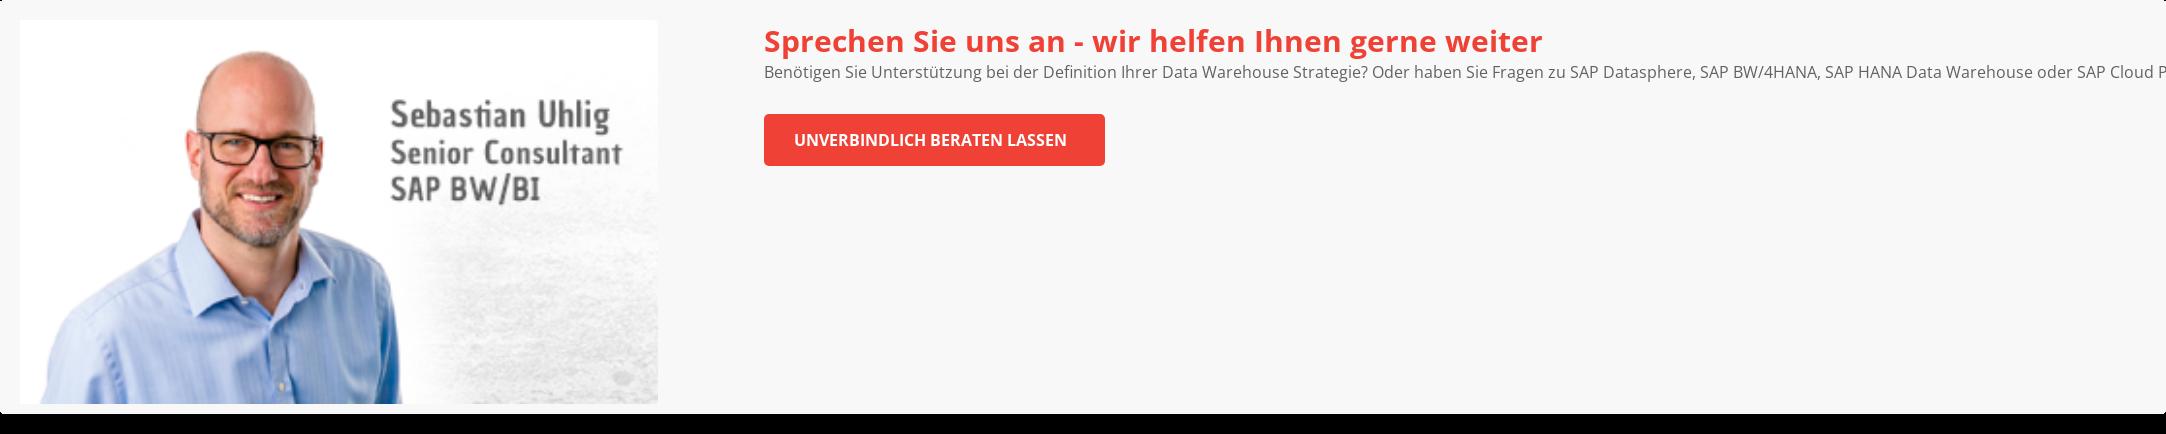 Wir unterstützen Sie Benötigen Sie Unterstützung bei der Definition Ihrer Data Warehouse Strategie?  Oder haben Sie Fragen zu SAP BW/4HANA, SAP HANA Data Warehouse, SAP Data  Warehouse Cloud oder SAP Cloud Platform? Wir beraten Sie gerne rund um die  Themen Data Warehousing, Reporting und Analyse. Wir helfen Ihnen gerne weiter